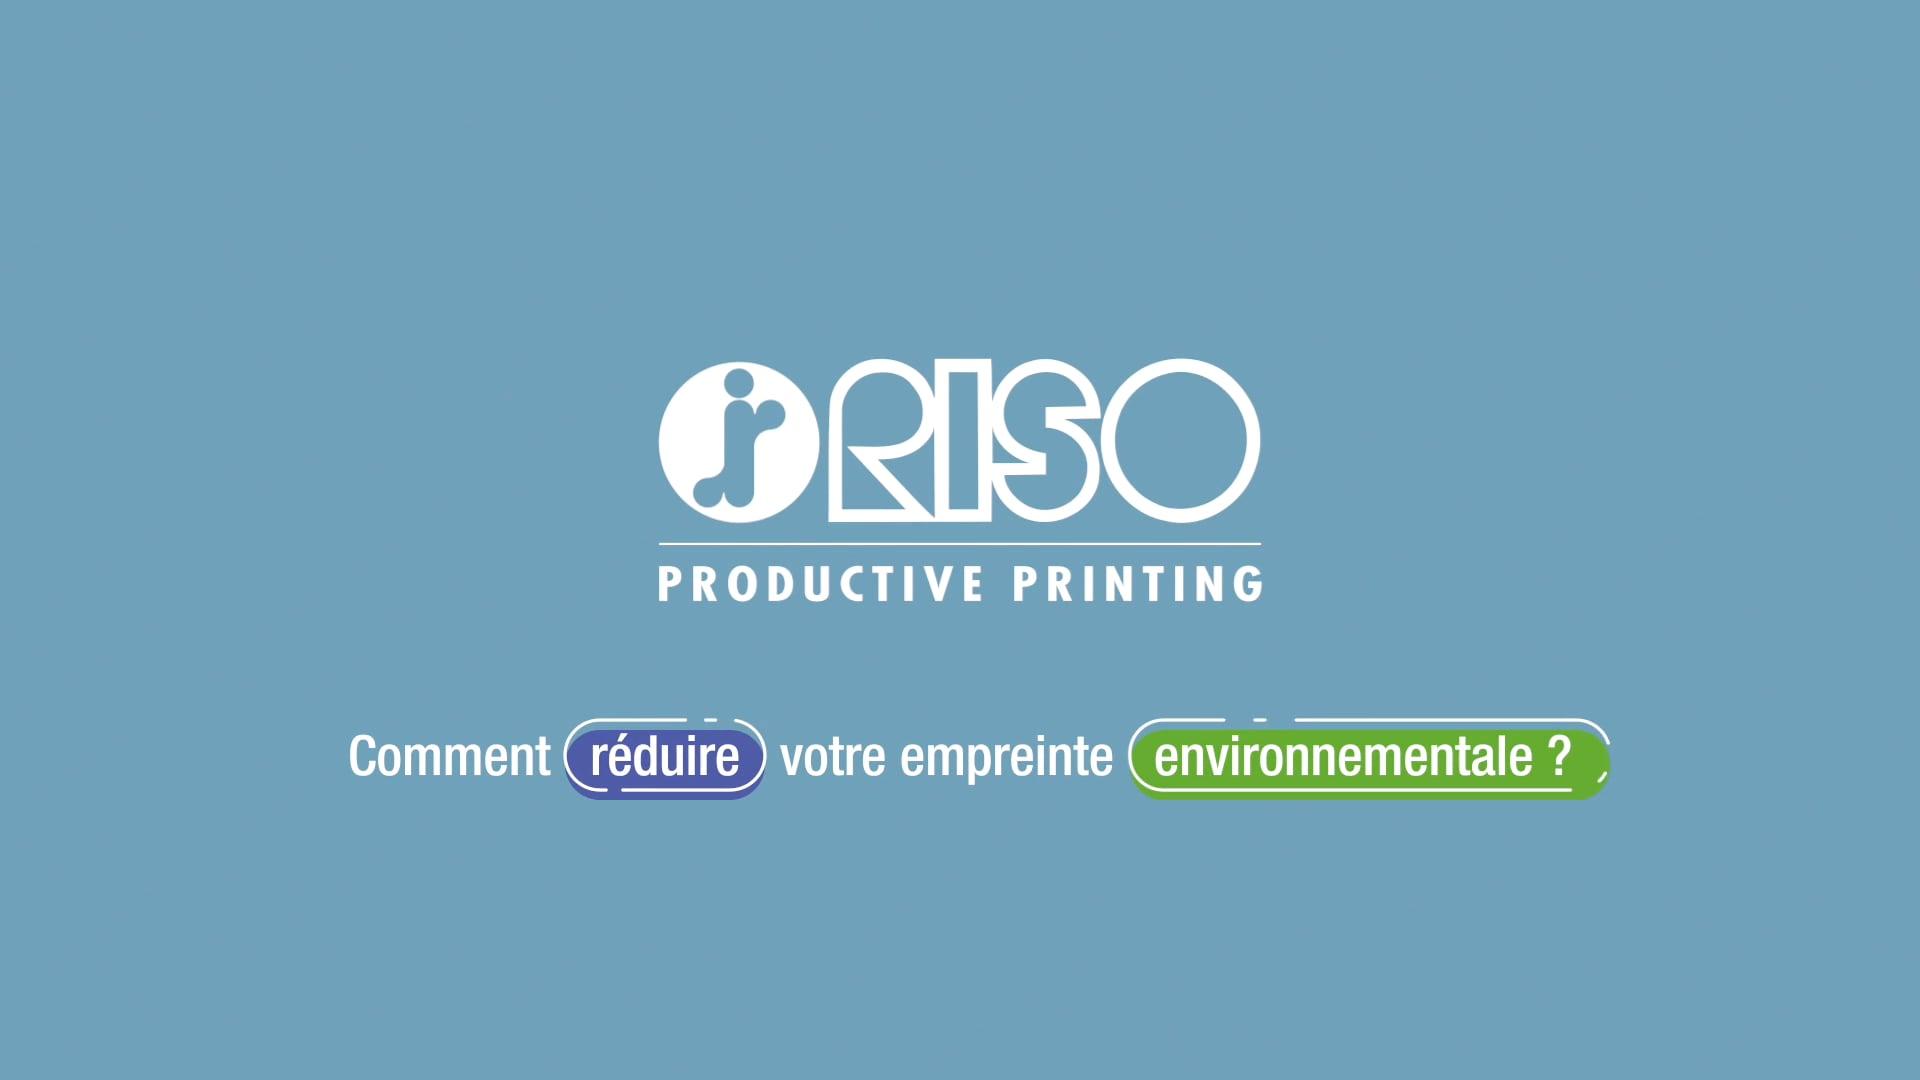 Réduisez votre empreinte environnementale avec RISO